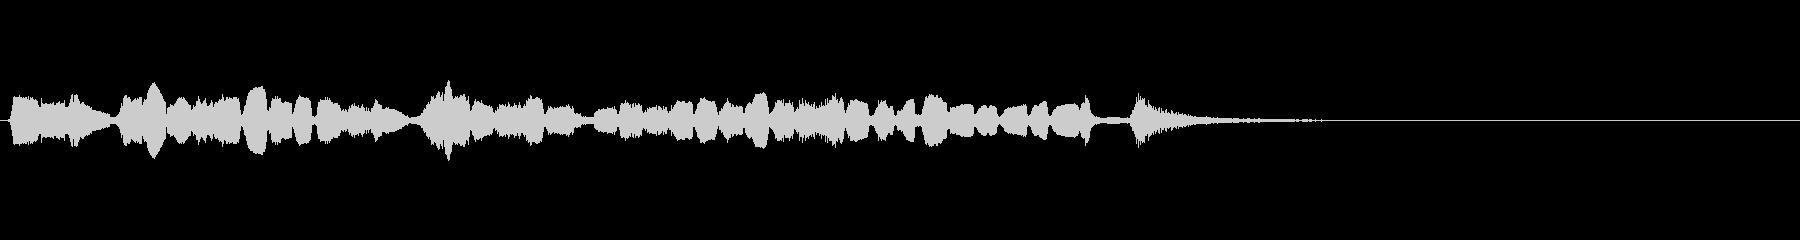 【生演奏】アコーディオンジングル23の未再生の波形